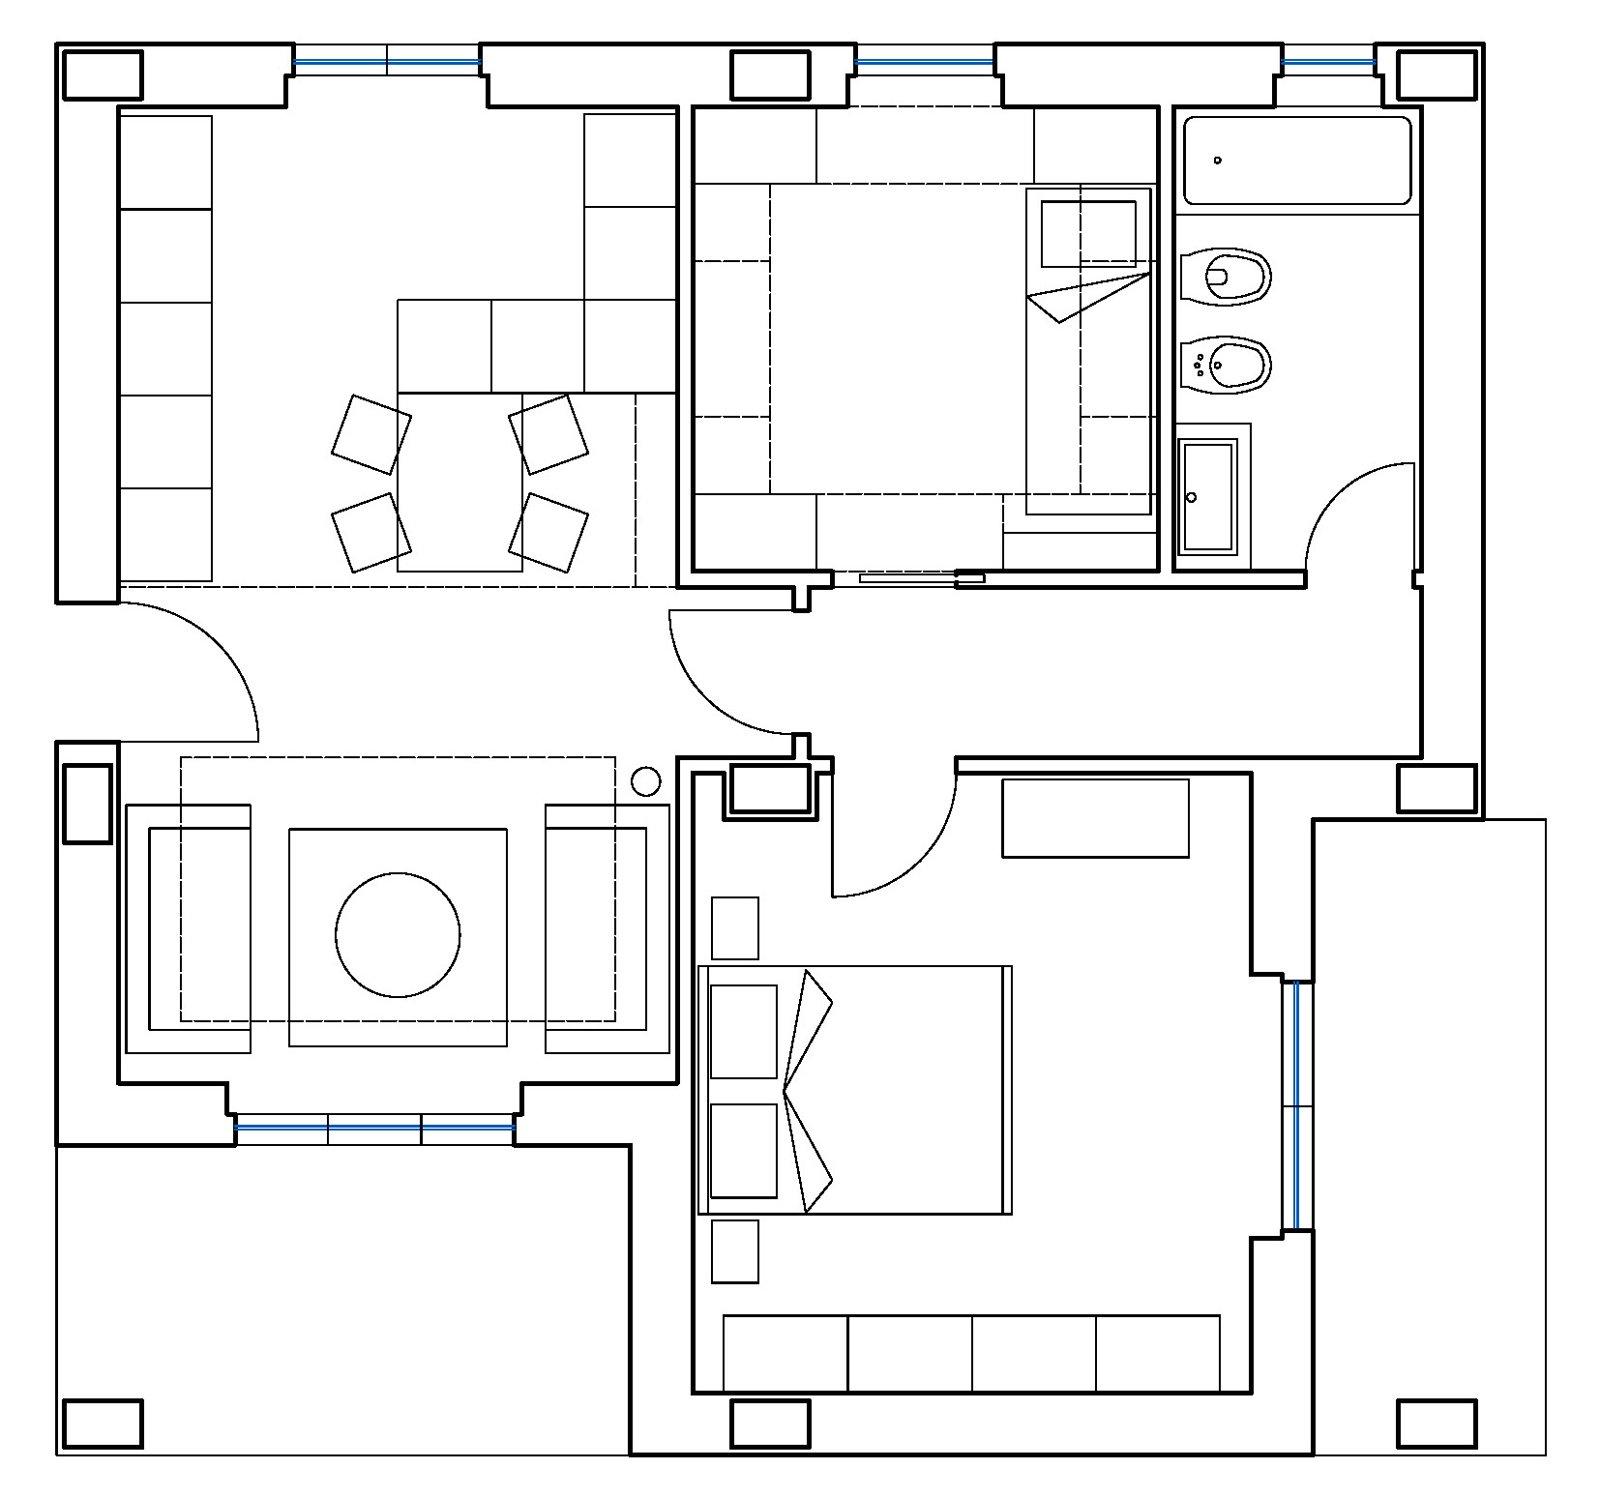 Ricavare la seconda camera in 55 mq - Cose di Casa